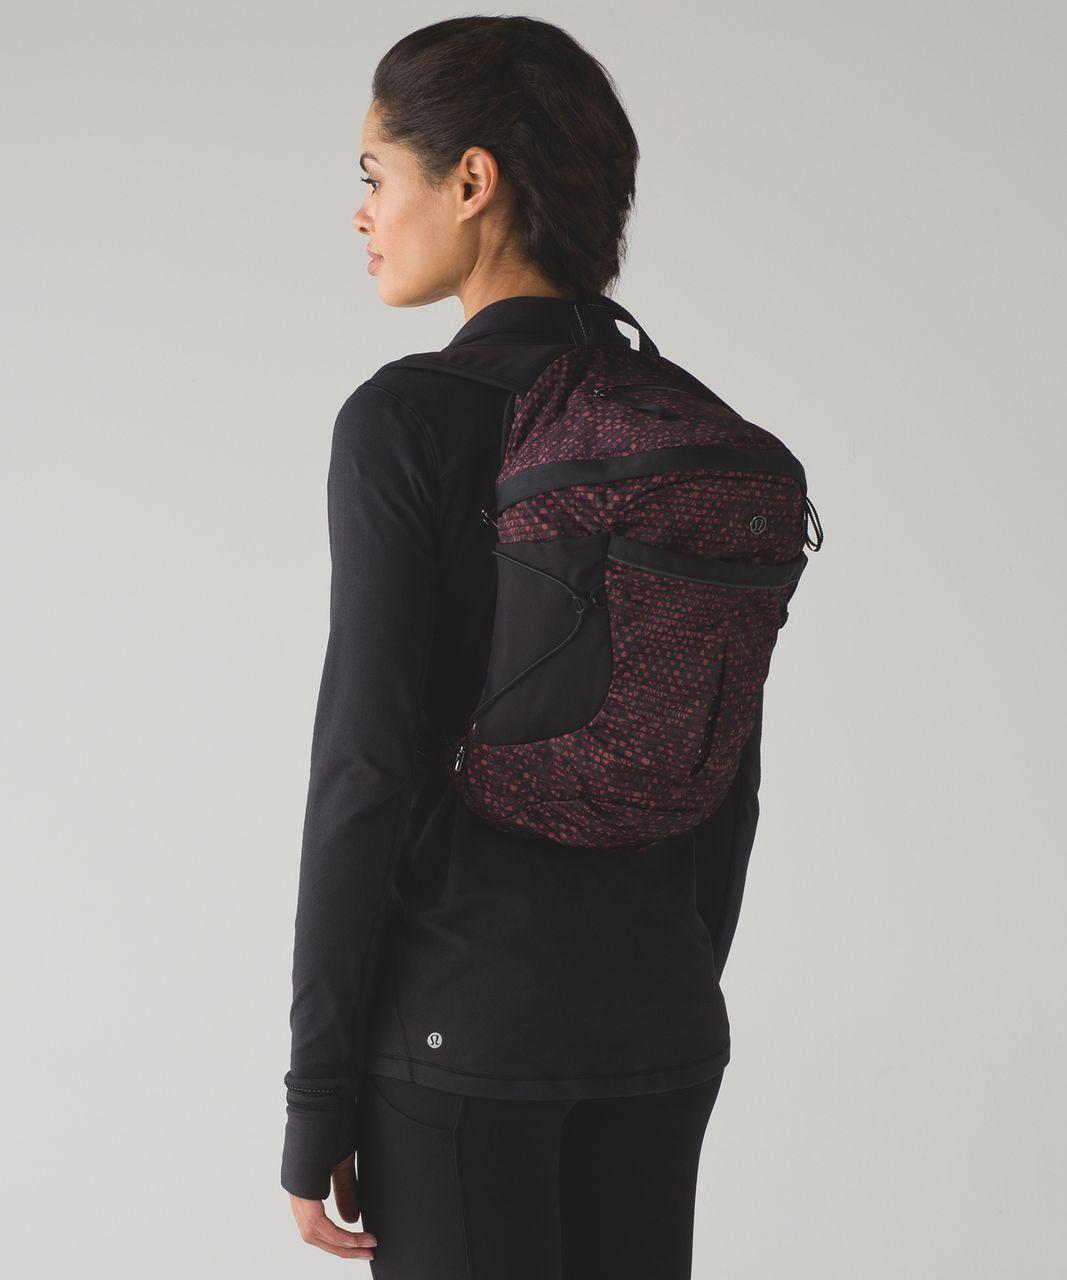 Lululemon Run All Day Backpack - Shatter Weave Dust Coral Plum / Black